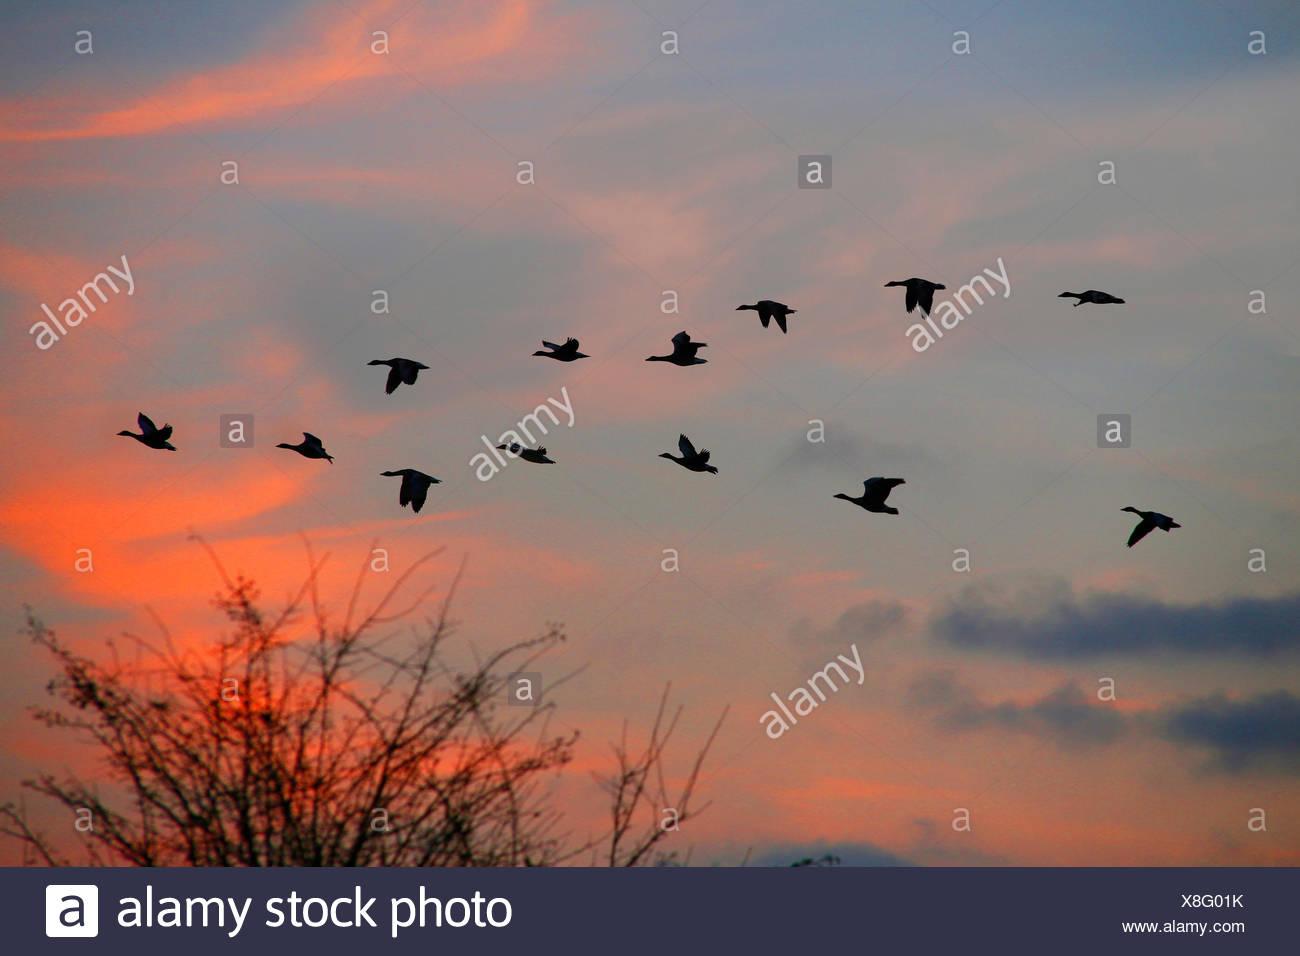 Oie cendrée (Anser anser), vol en formation au coucher du soleil, Allemagne Photo Stock